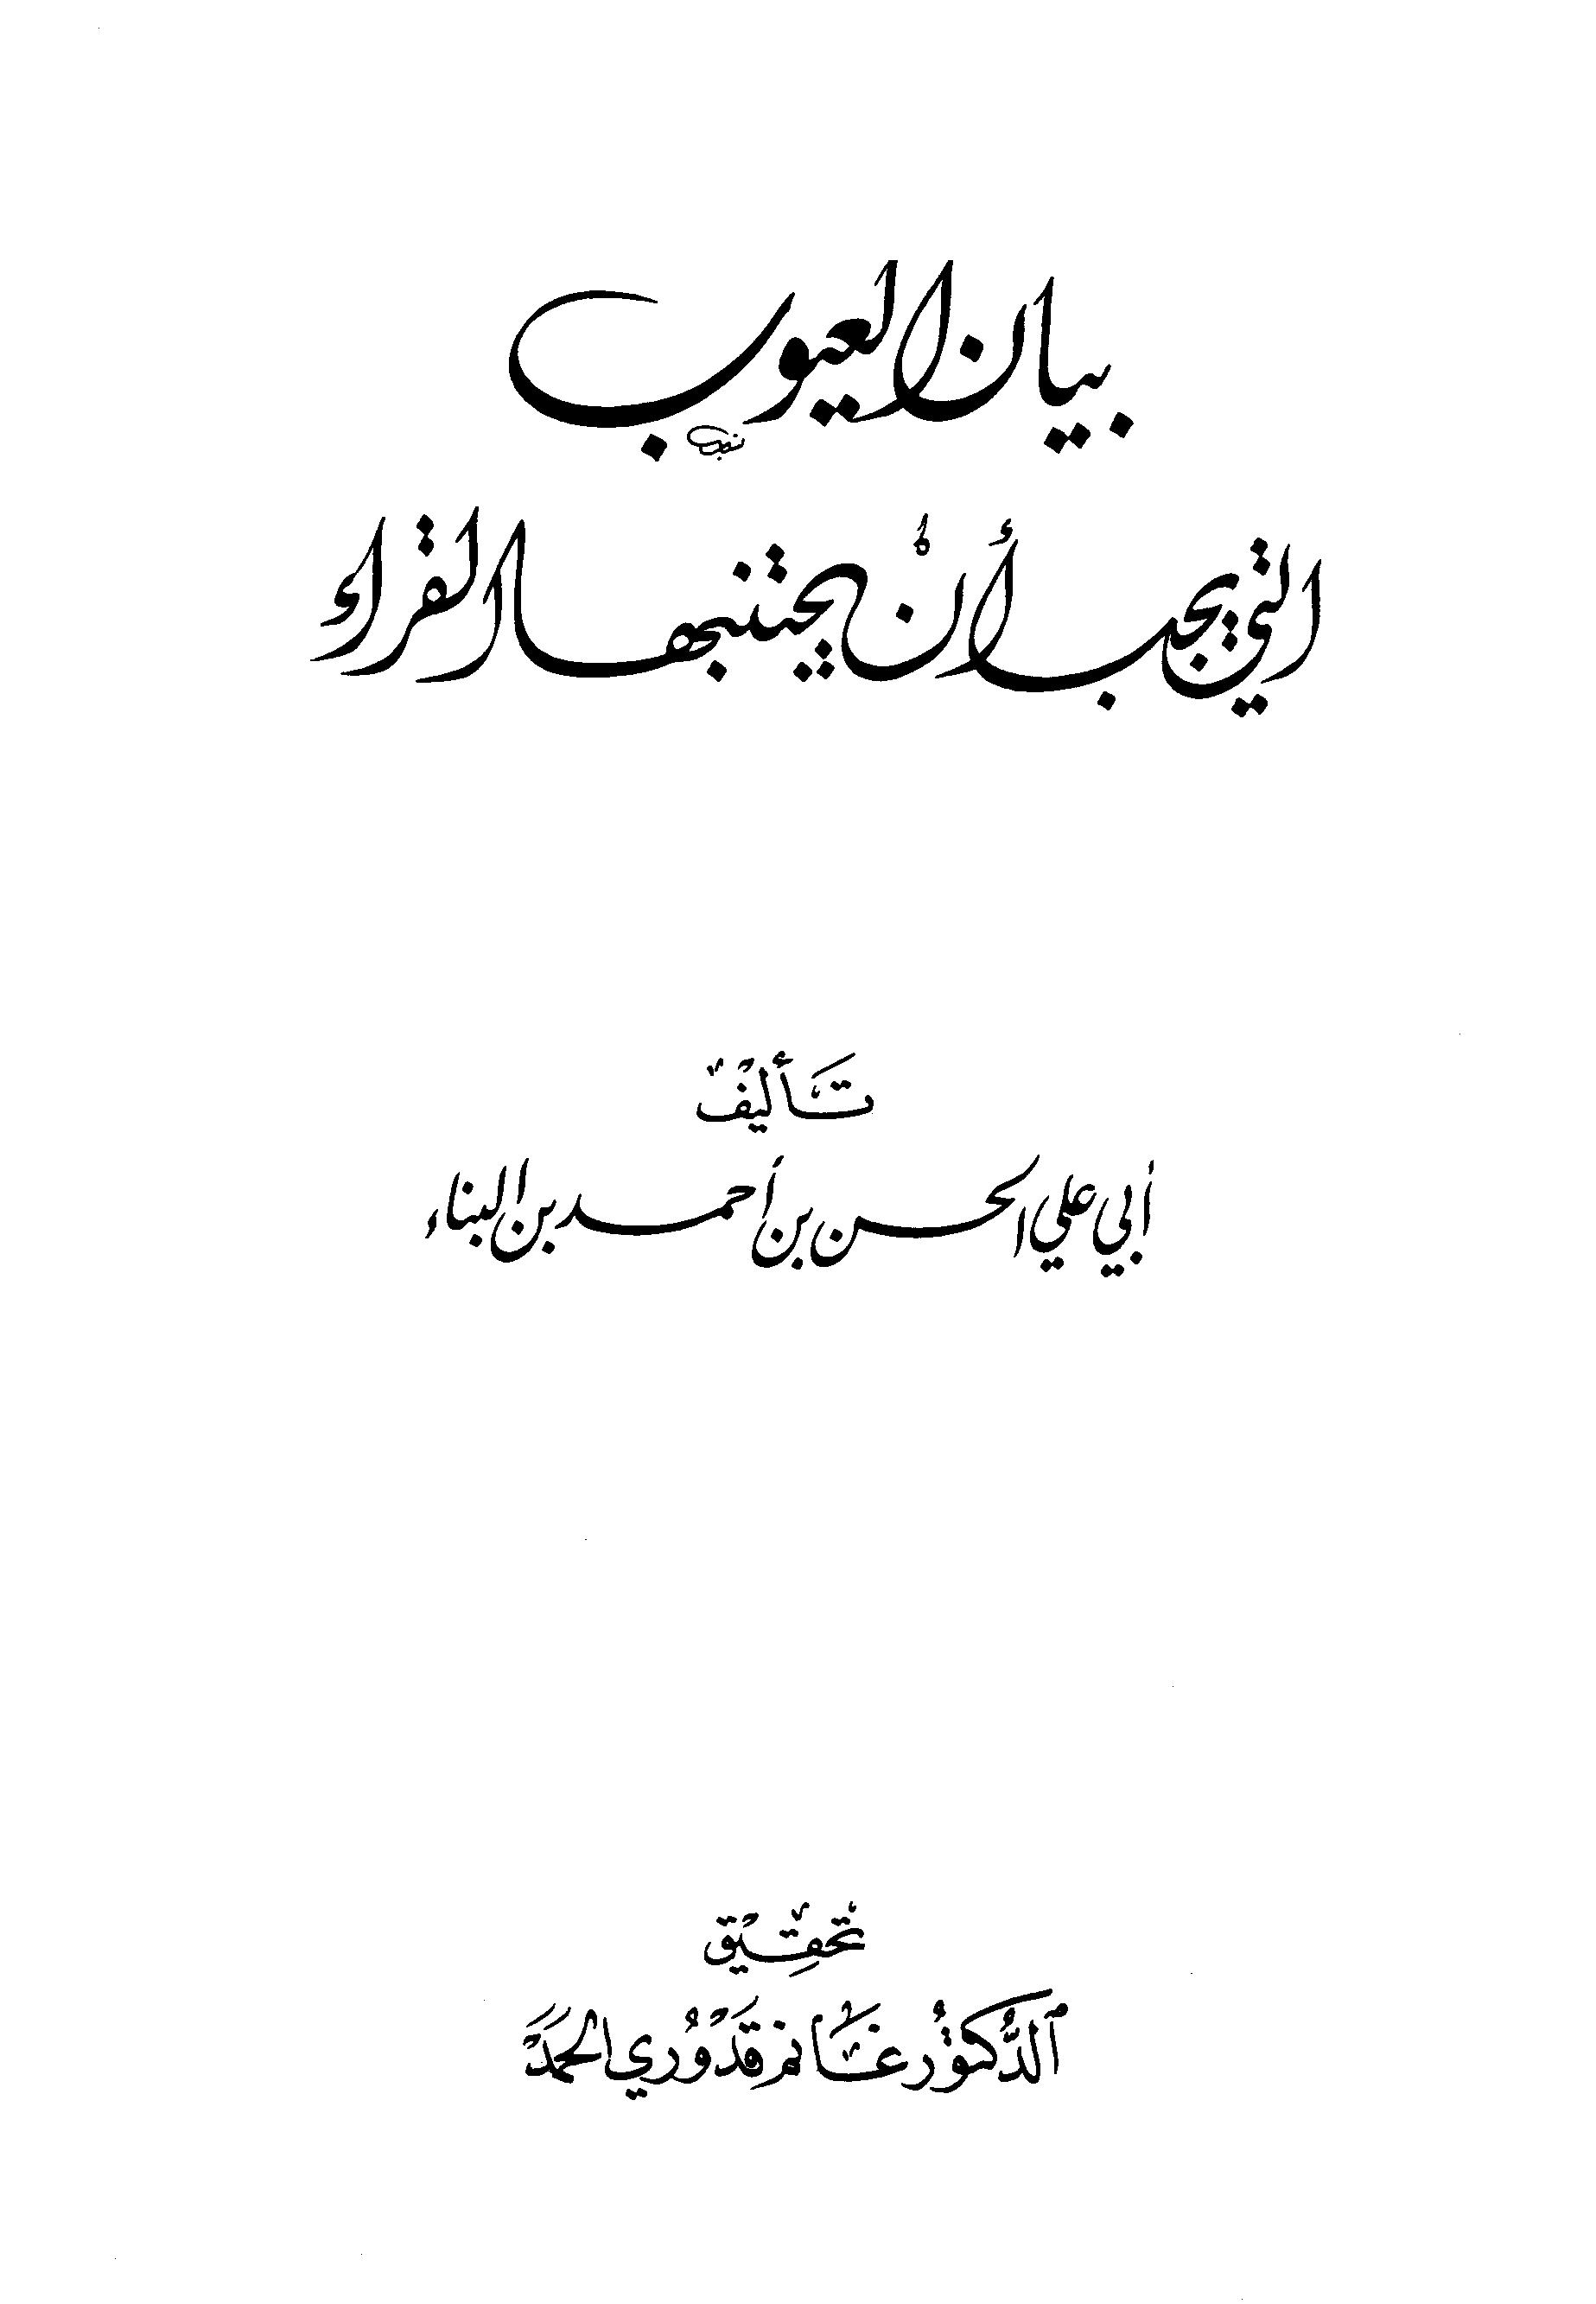 تحميل كتاب بيان العيوب التي يجب أن يجتنبها القراء لـِ: الإمام أبو علي الحسن بن أحمد بن عبد الله بن البناء البغدادي الحنبلي (ت 471)